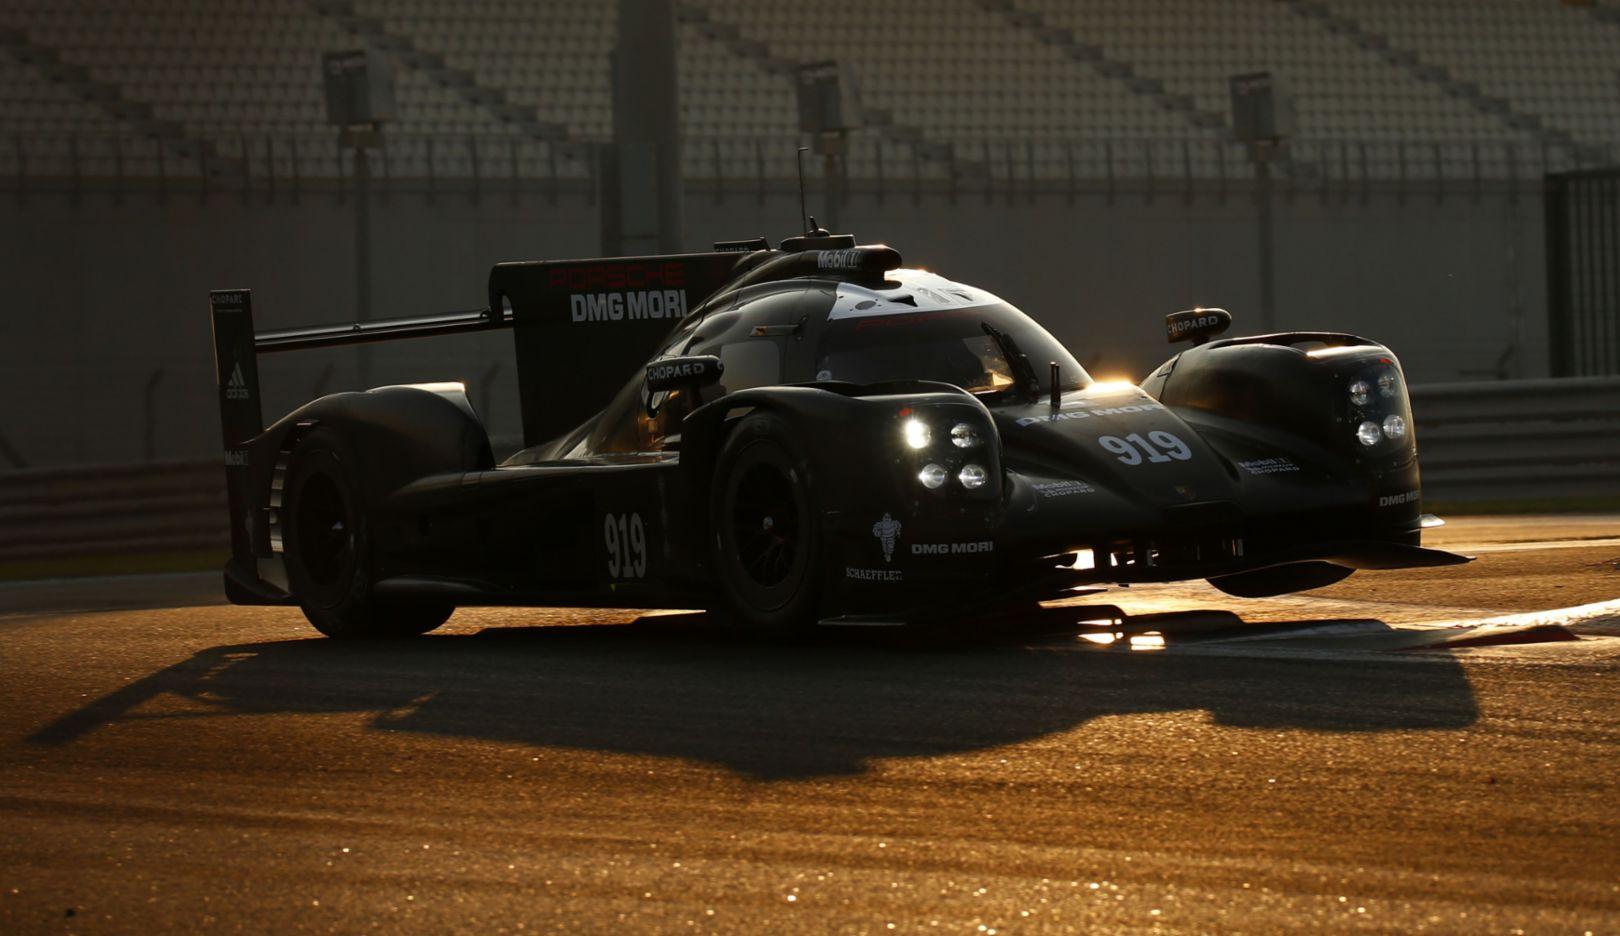 Porsche 919 Hybrid, Porsche Team: Timo Bernhard, Brendon Hartley, Mark Webber, Test Abu Dhabi, 2016, Porsche AG